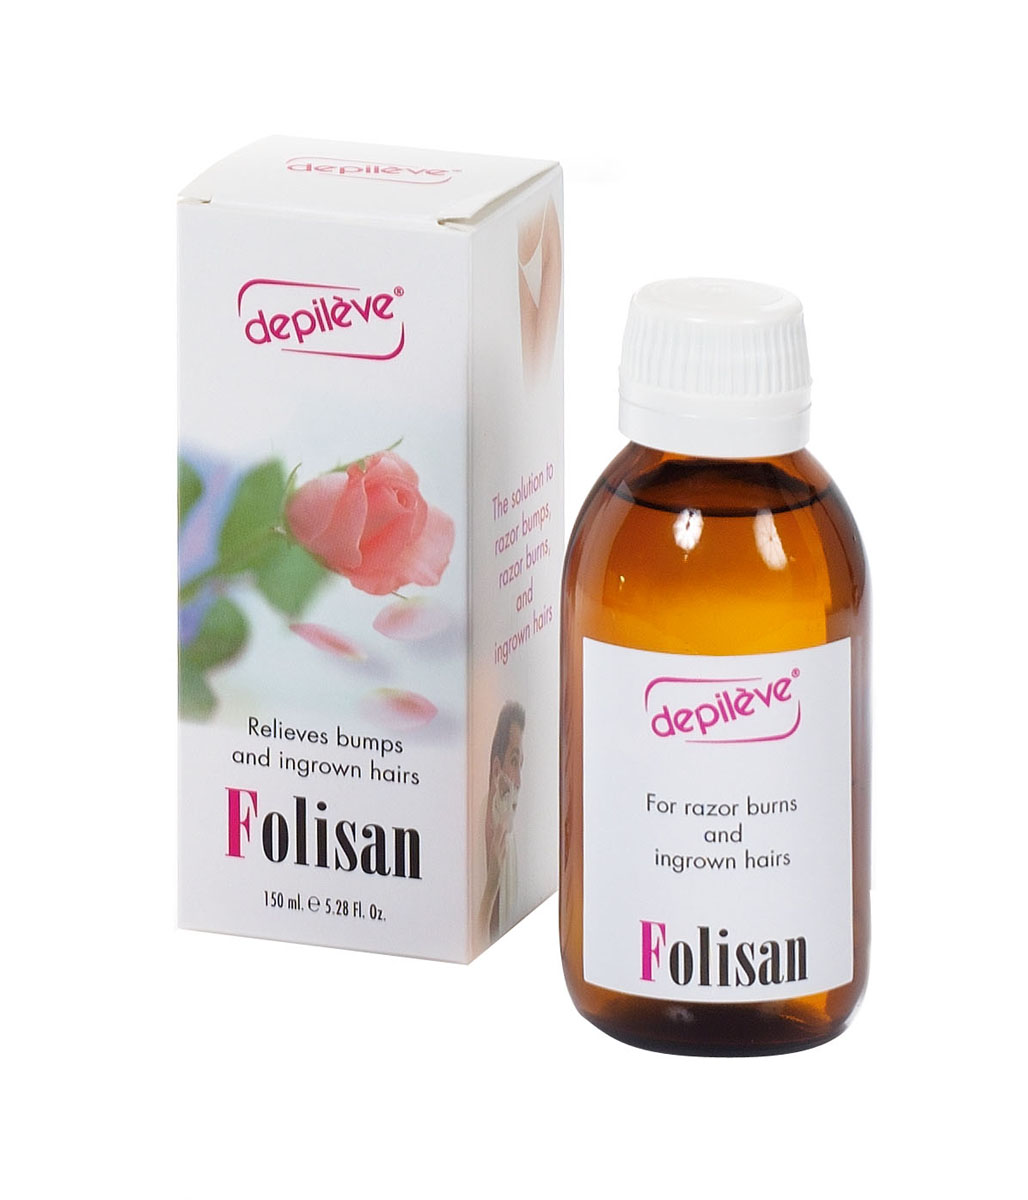 Depileve Лосьон против вросших волос FOLISAN, 150 мл. cristaline ng лосьон против вросших волос 250мл